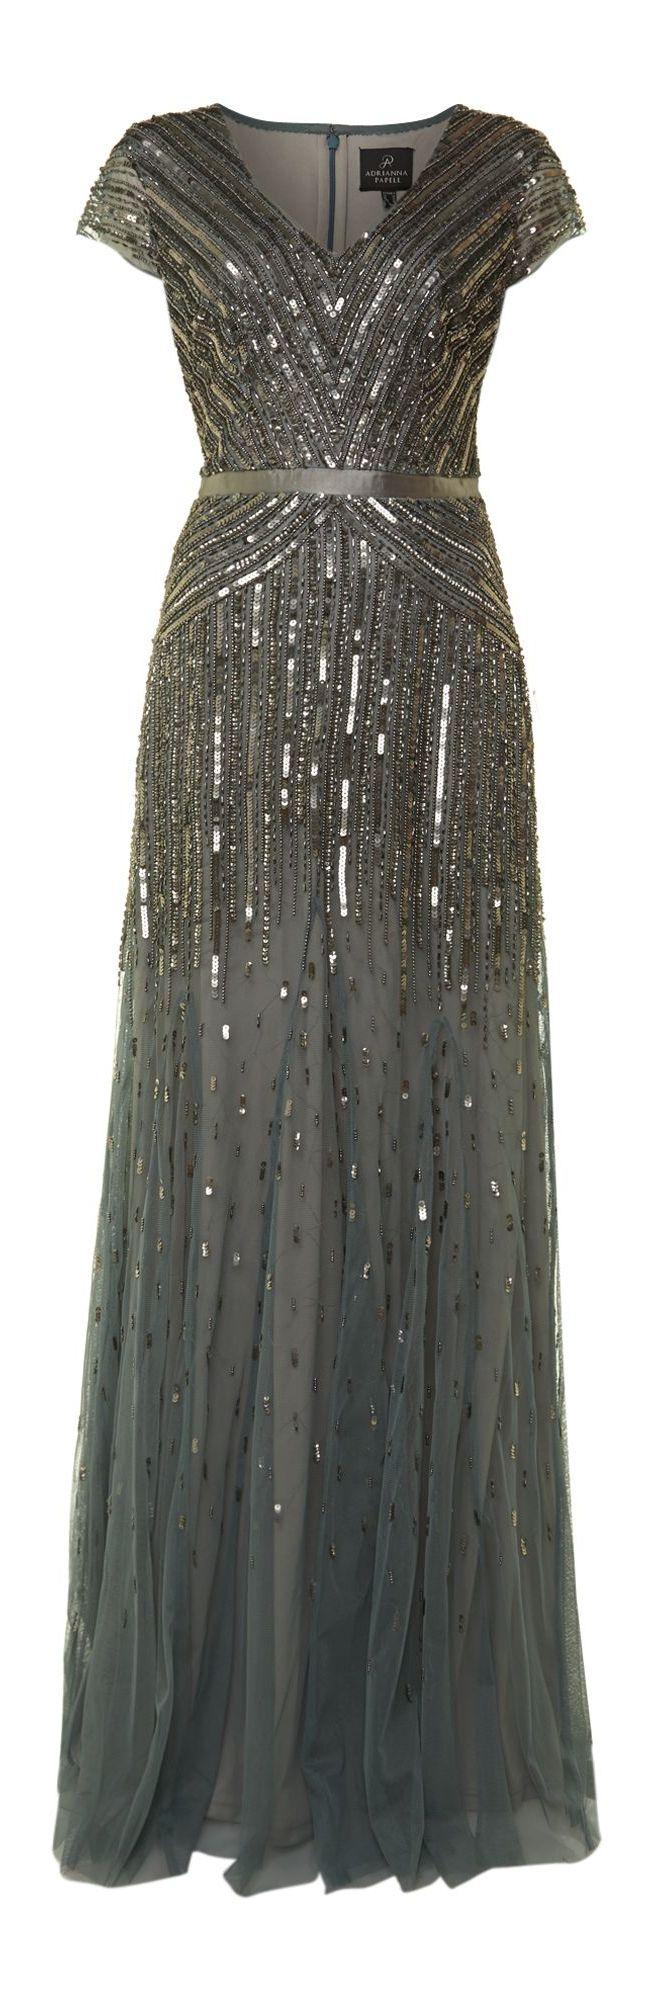 Fully beaded maxi dress